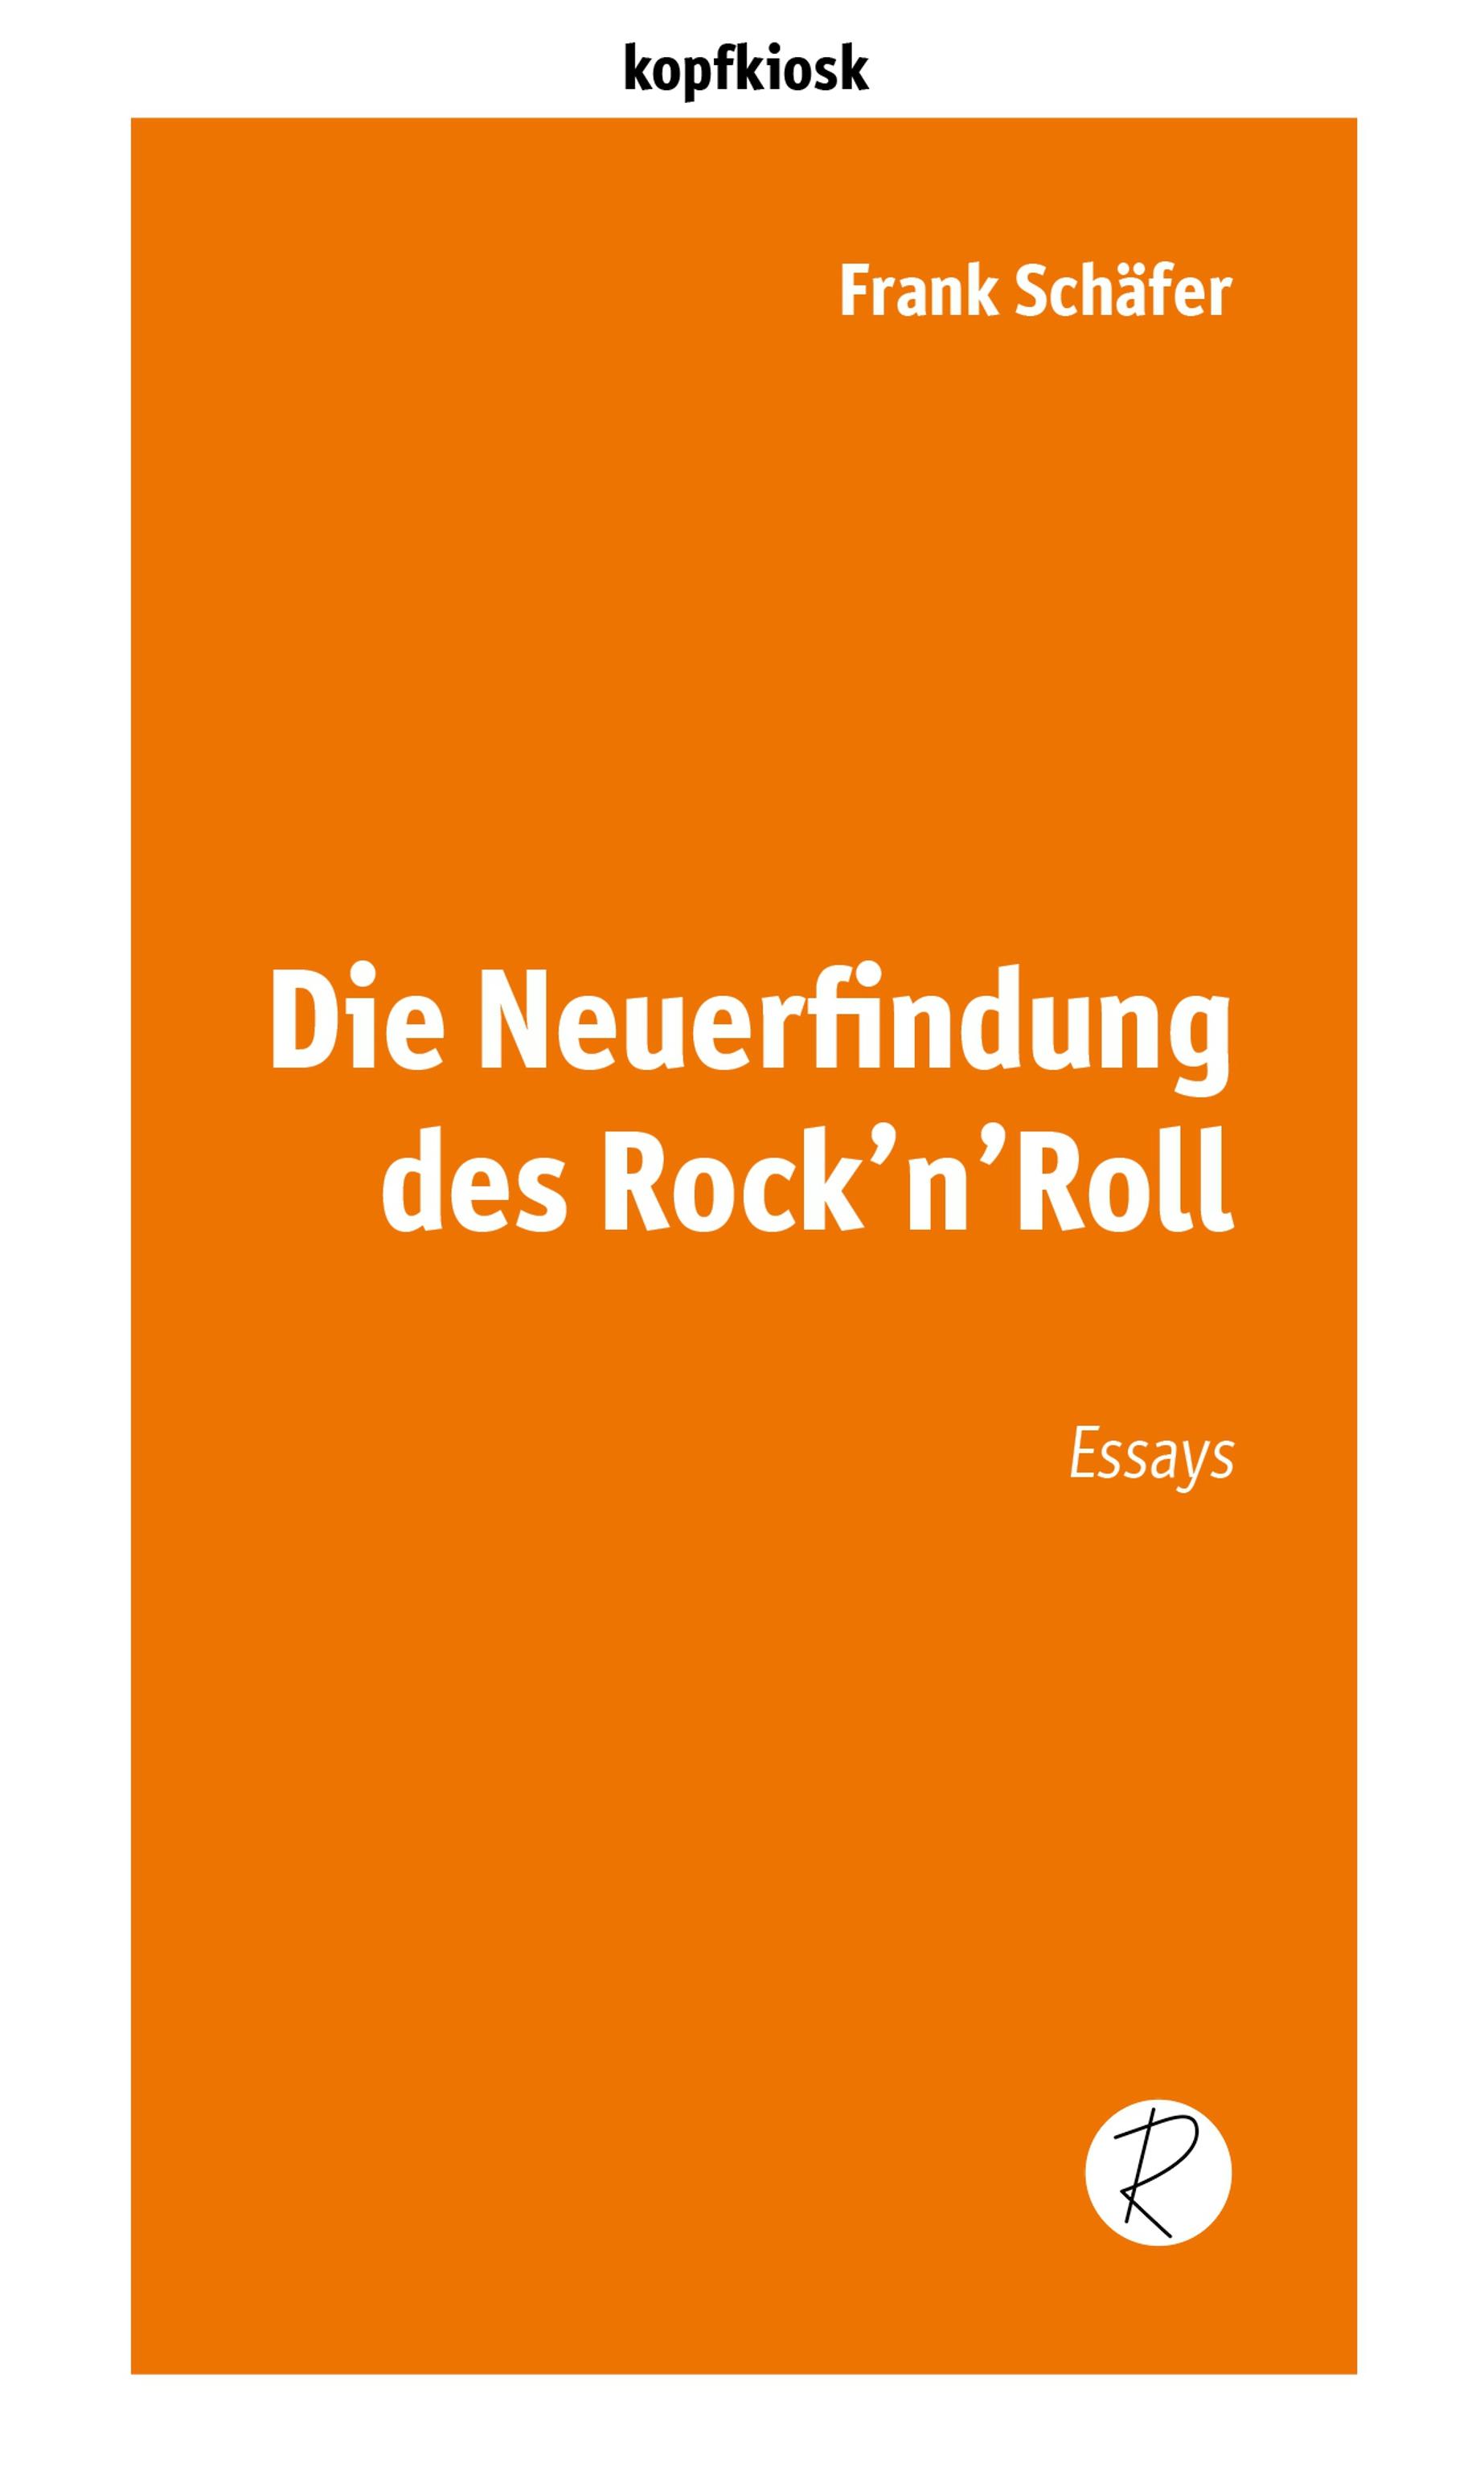 Die Neuerfindung des Rock'n'Roll фото